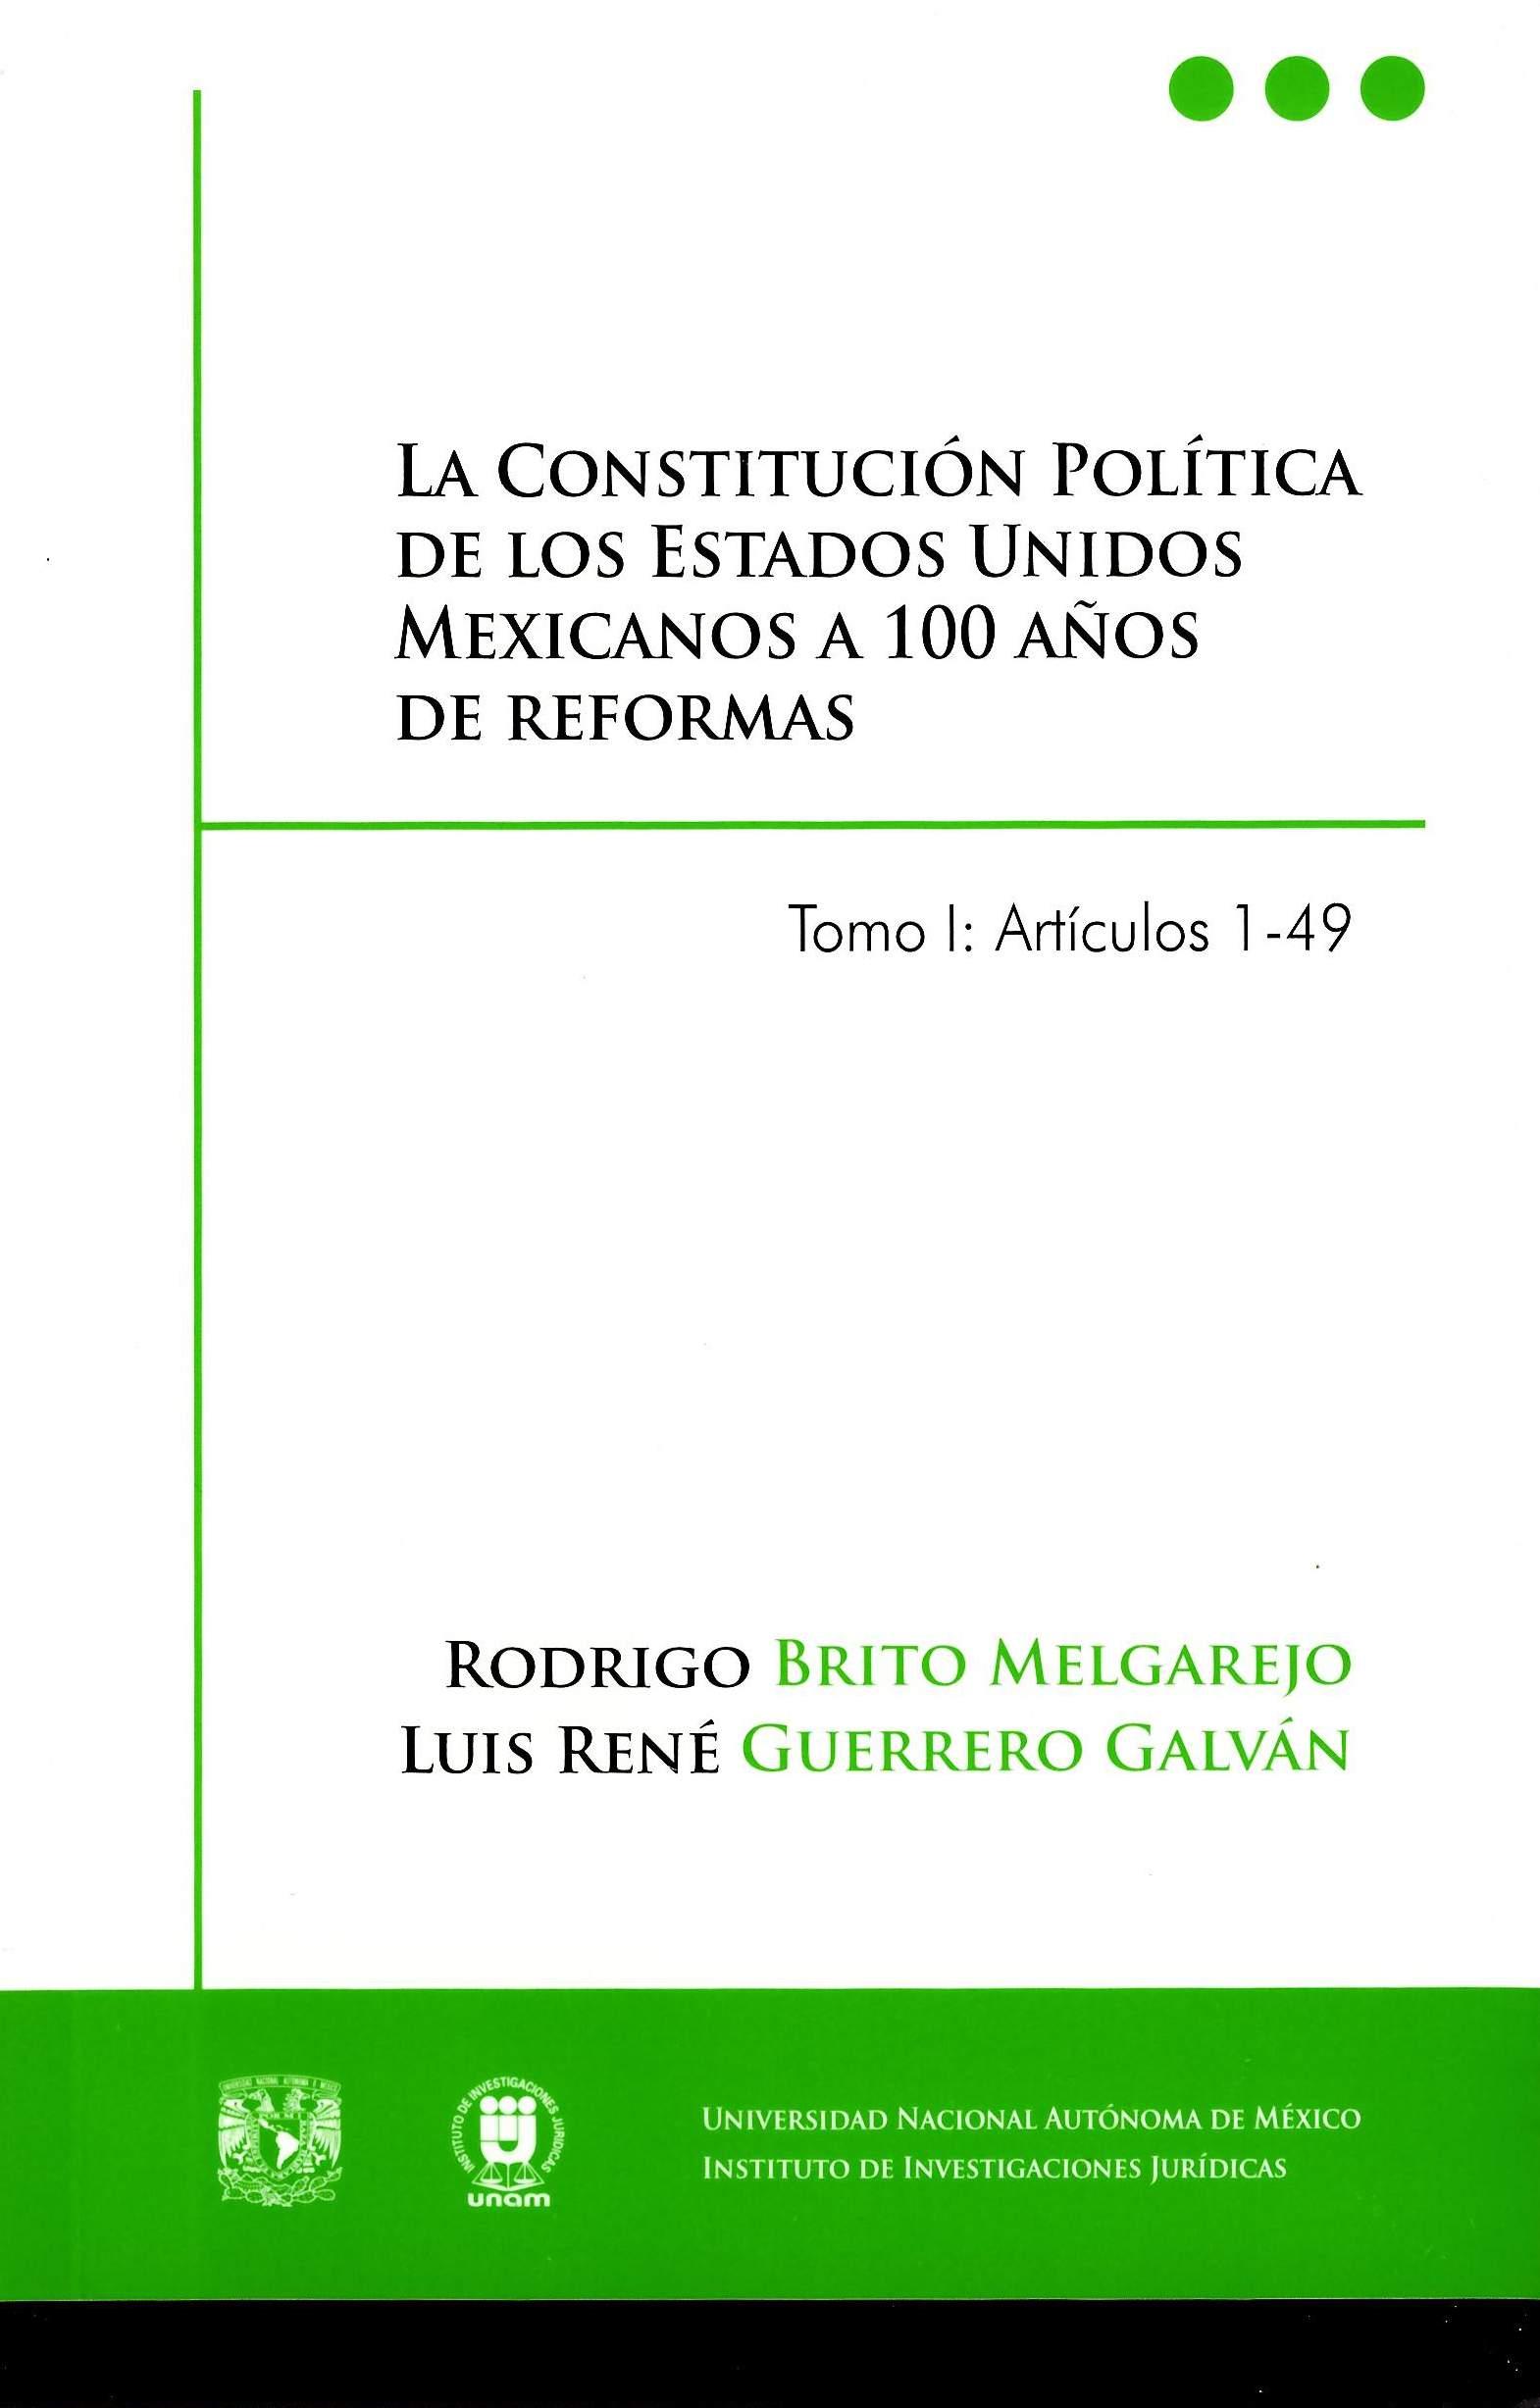 La Constitución Política de los Estados Unidos Mexicanos a 100 años de reformas.